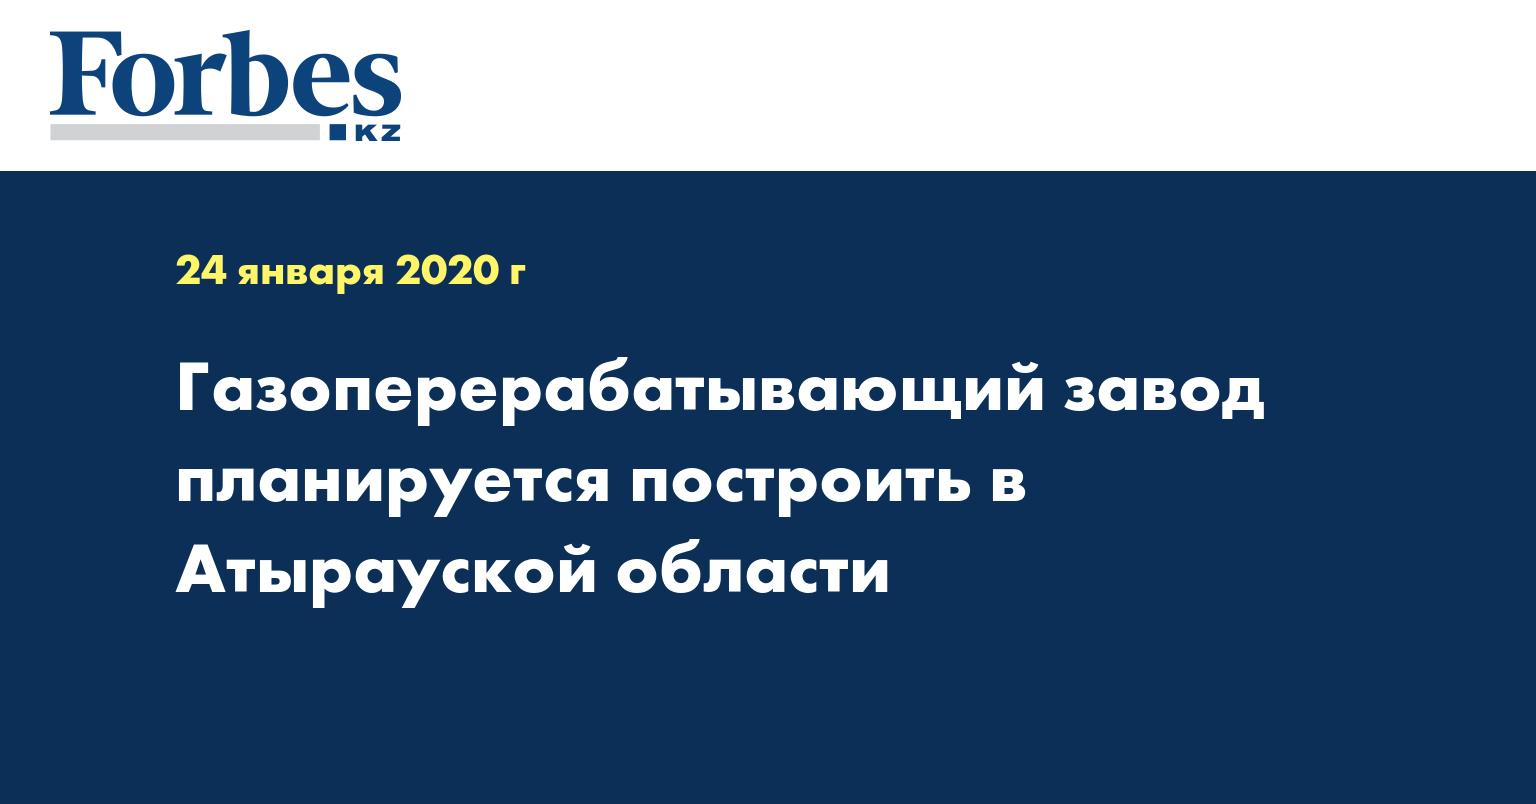 Газоперерабатывающий завод планируется построить в Атырауской области